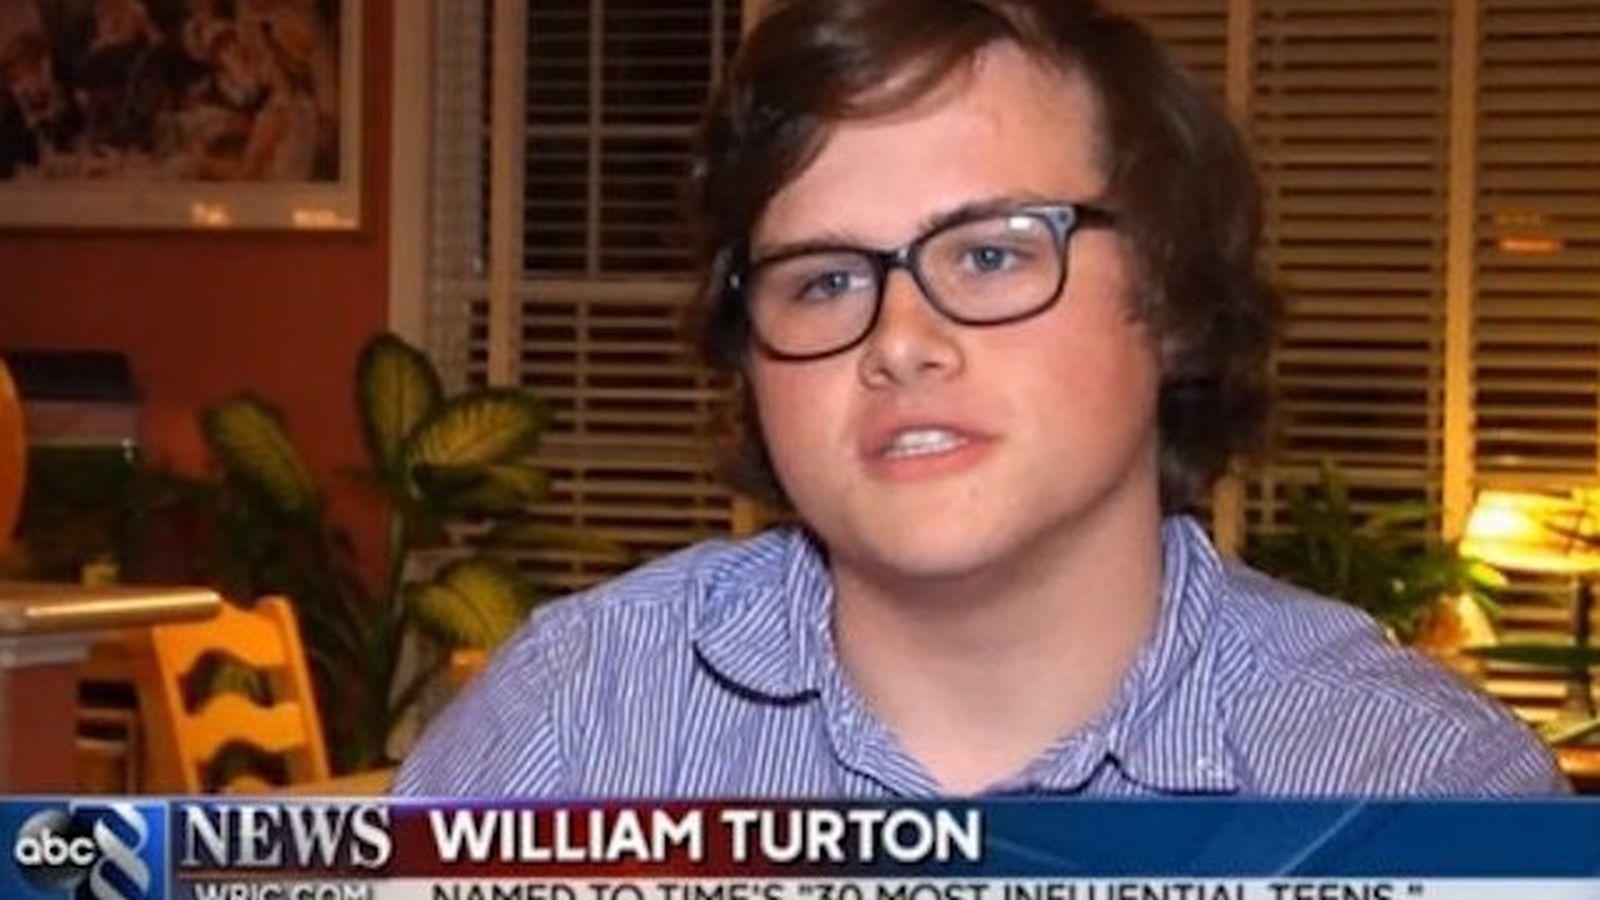 William Turton